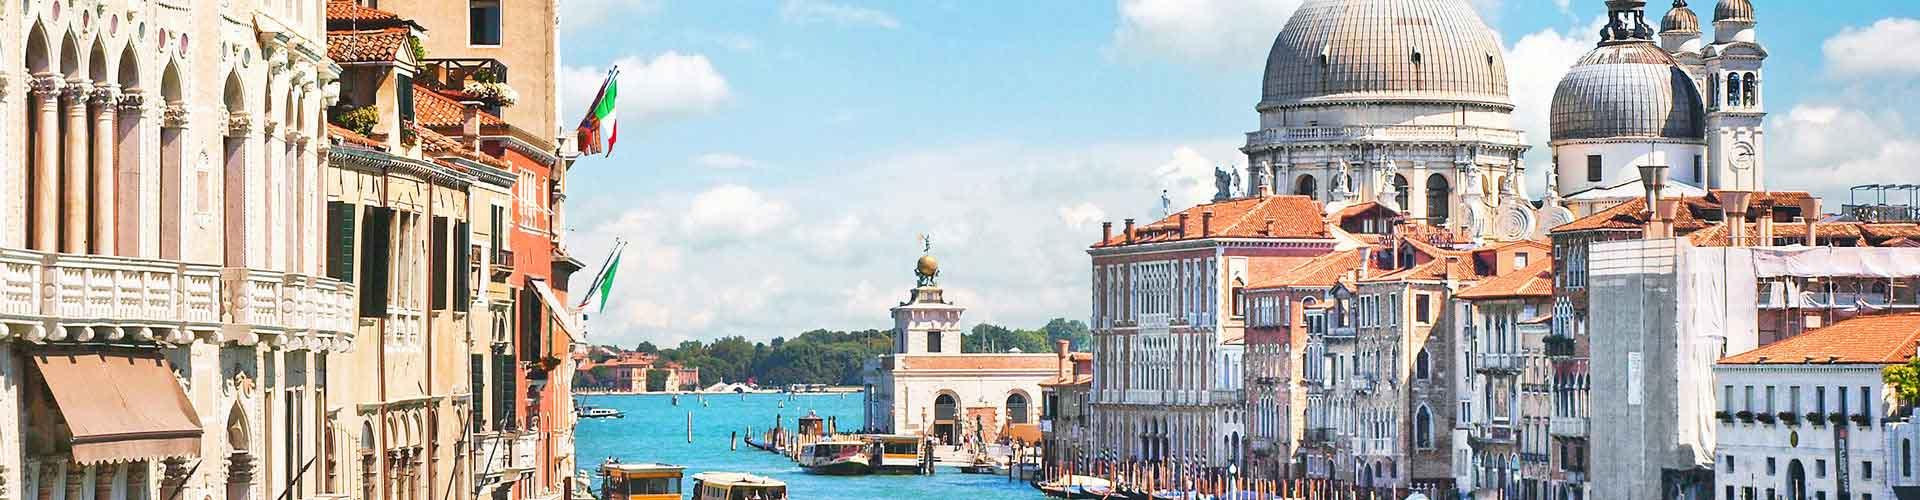 ヴェネツィア – ホステル ヴェネツィア. 地図 ヴェネツィア, すべてのホステルの写真とレビュー ヴェネツィア.